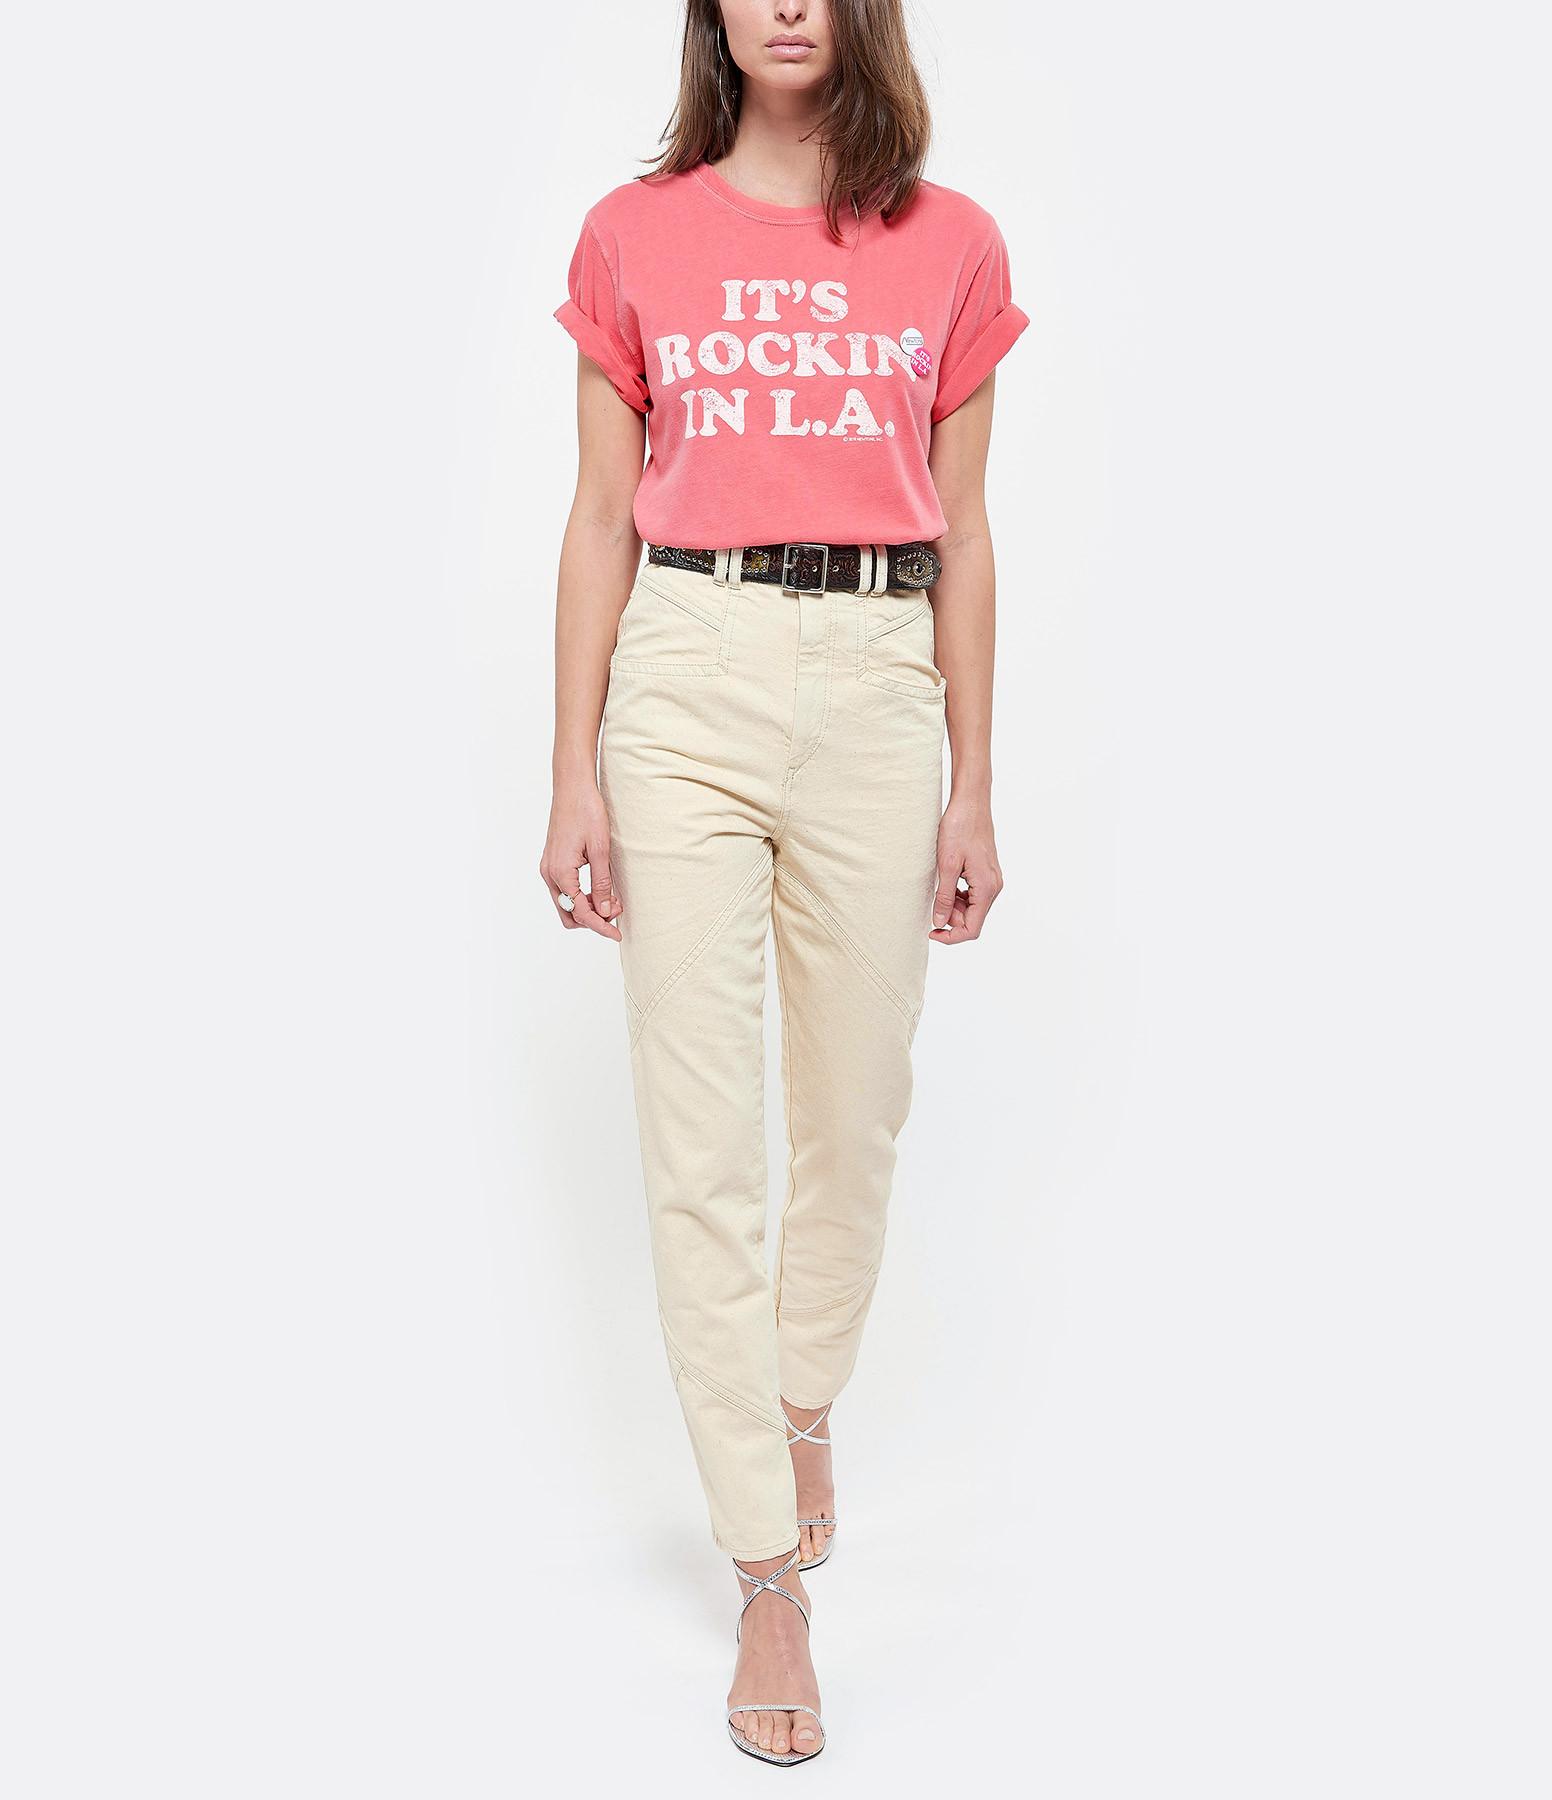 NEWTONE - Tee-shirt Rock Coton Malabar